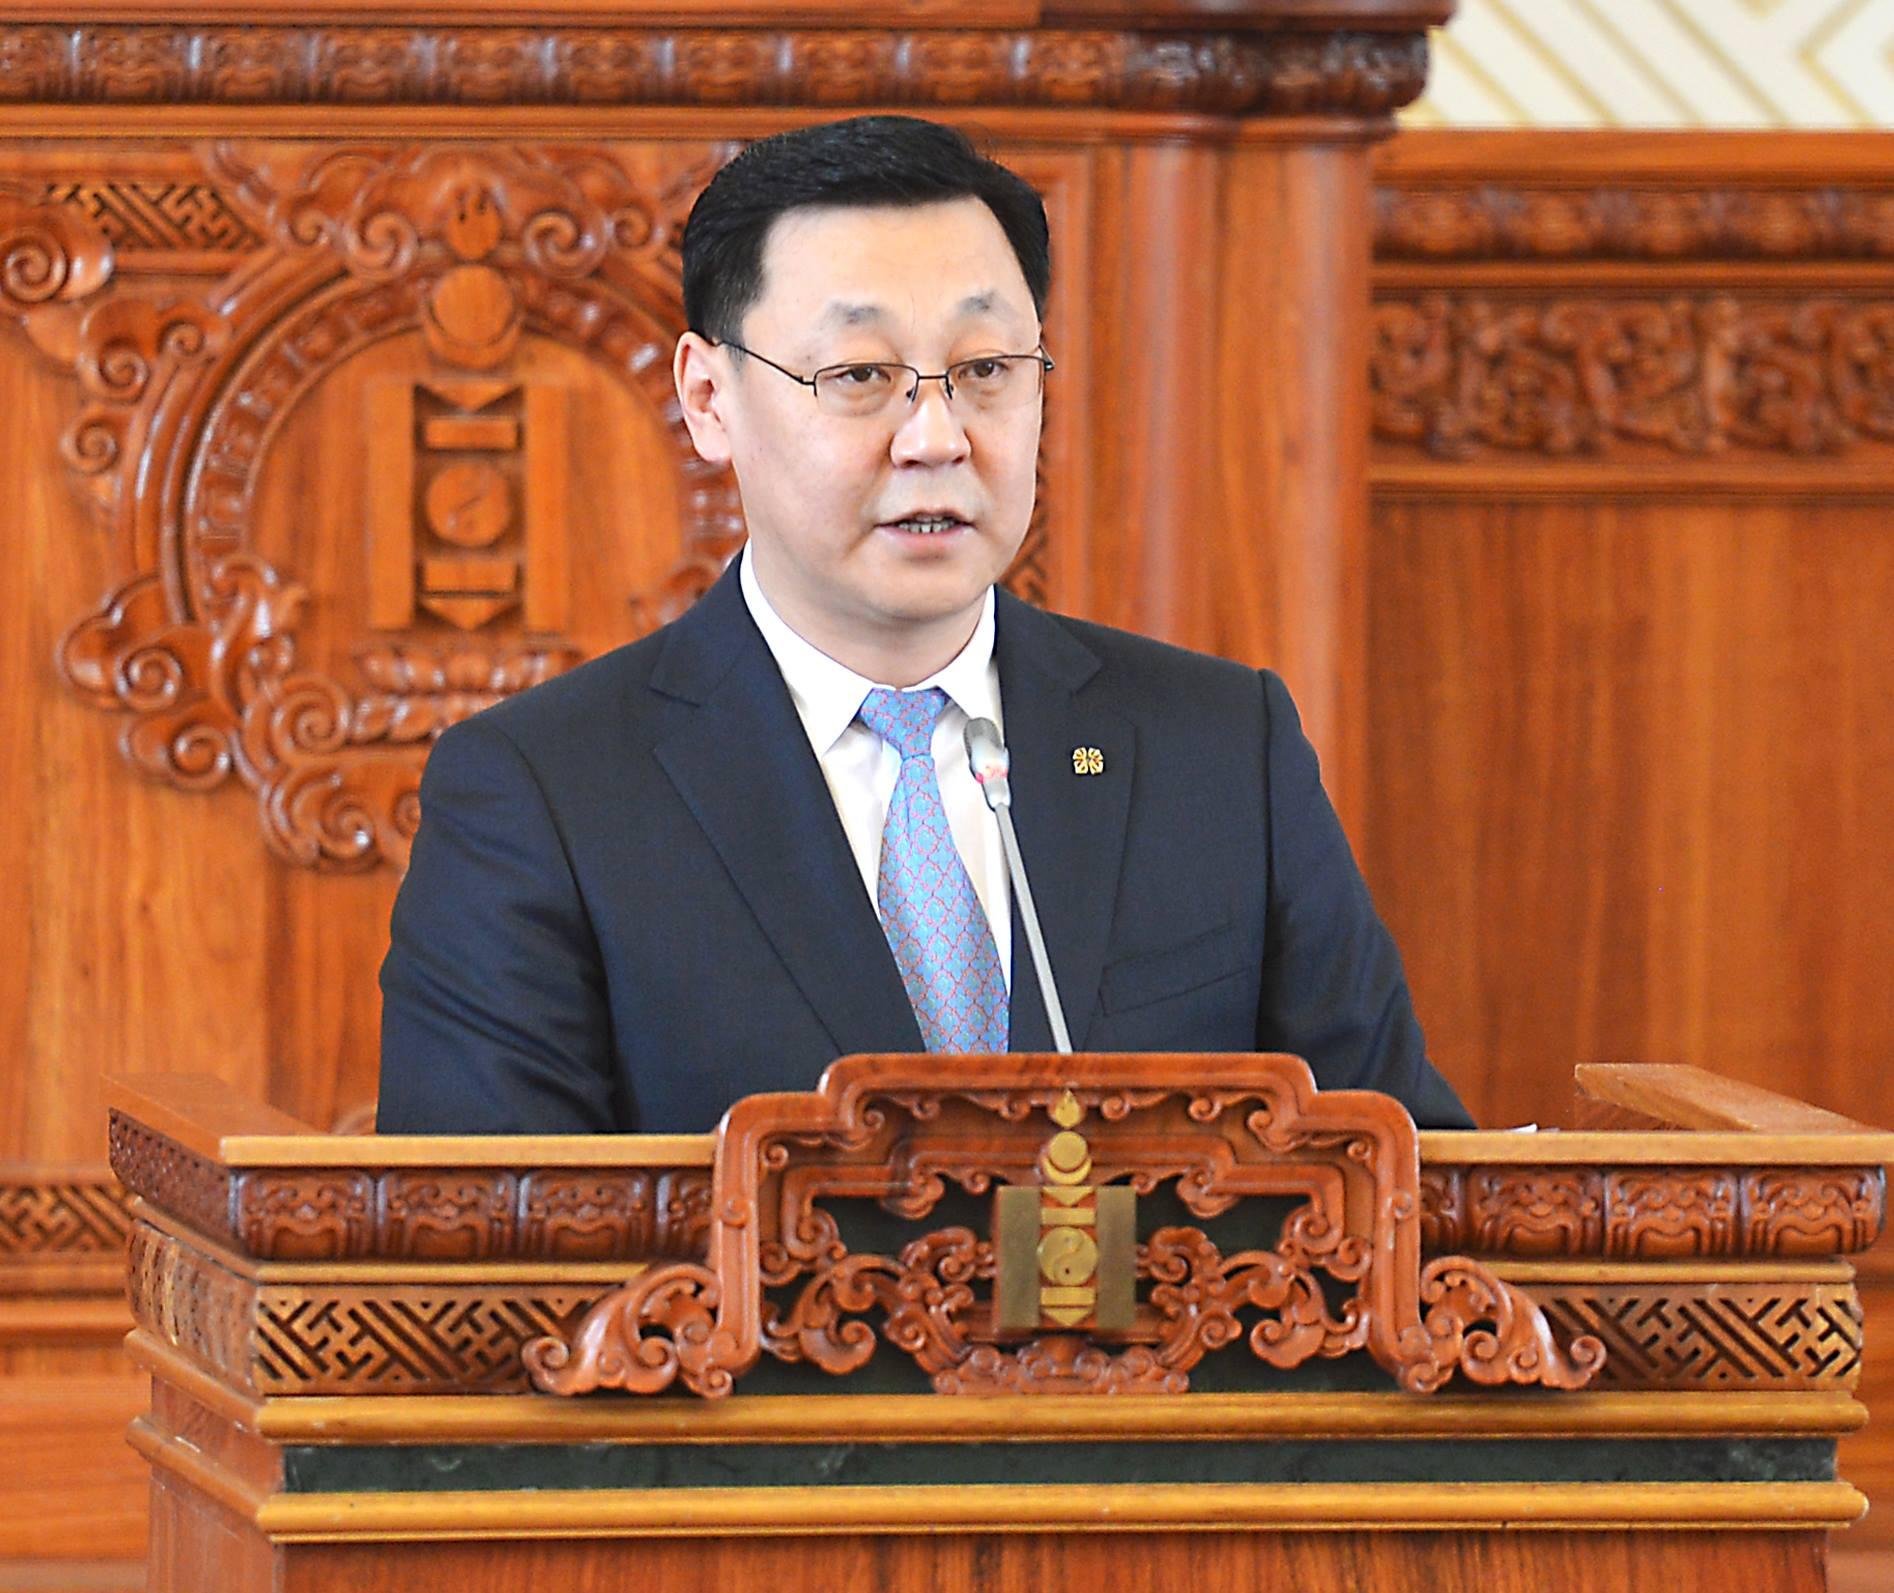 Ж.Эрдэнэбат: Монголчуудынхаа нийтлэг эрх ашгийн төлөө чин шударгаар зүтгэж ажиллалаа